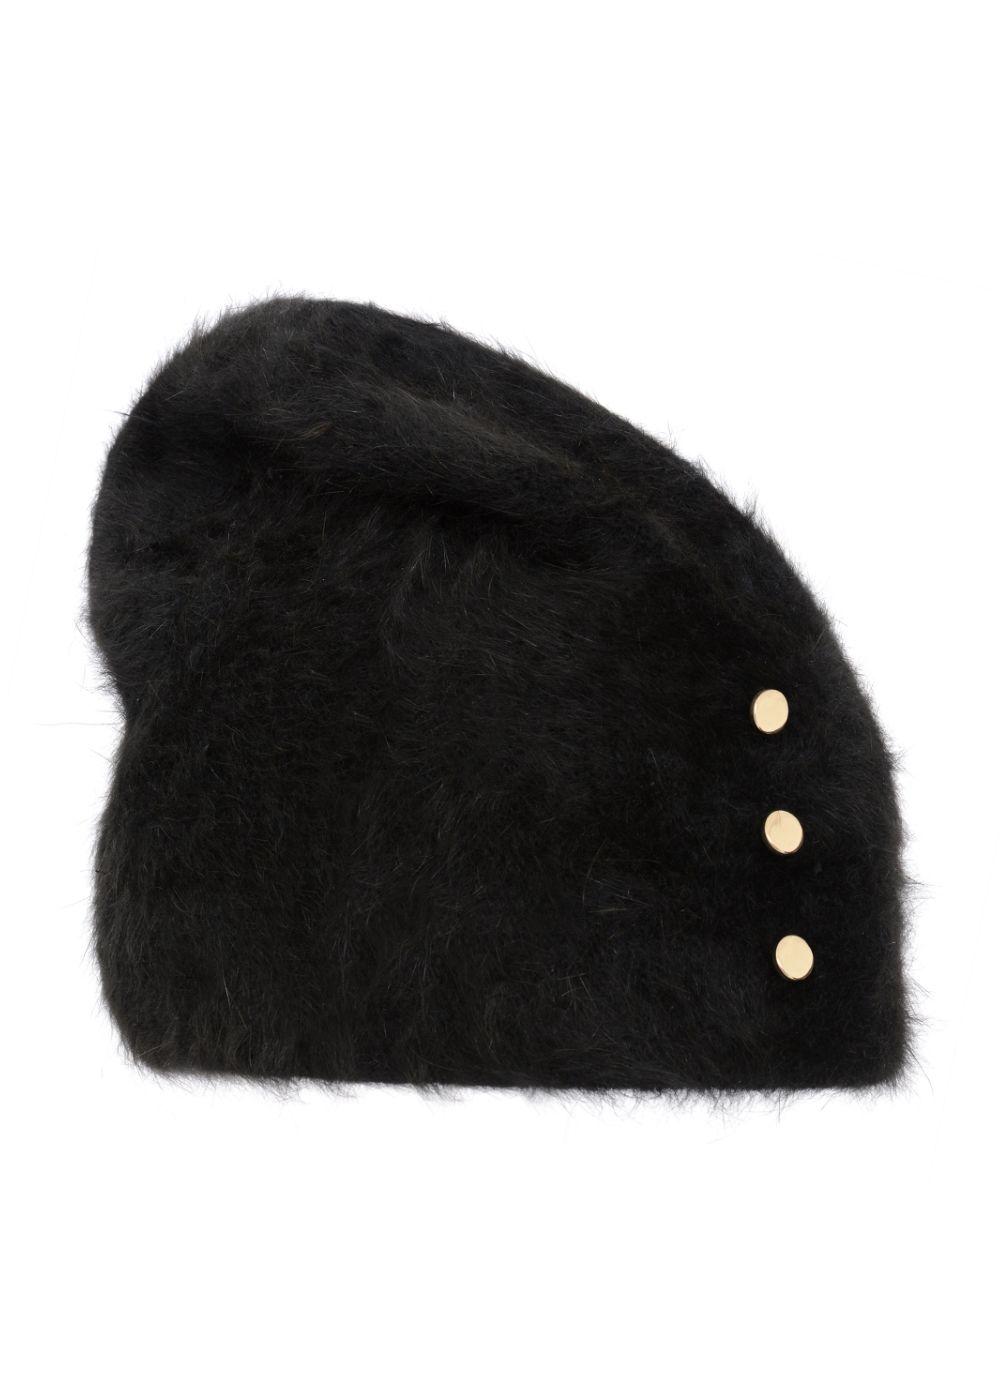 Zestaw czapka i komin KOMDT-0009-99+CZADT-0023-99(Z20)